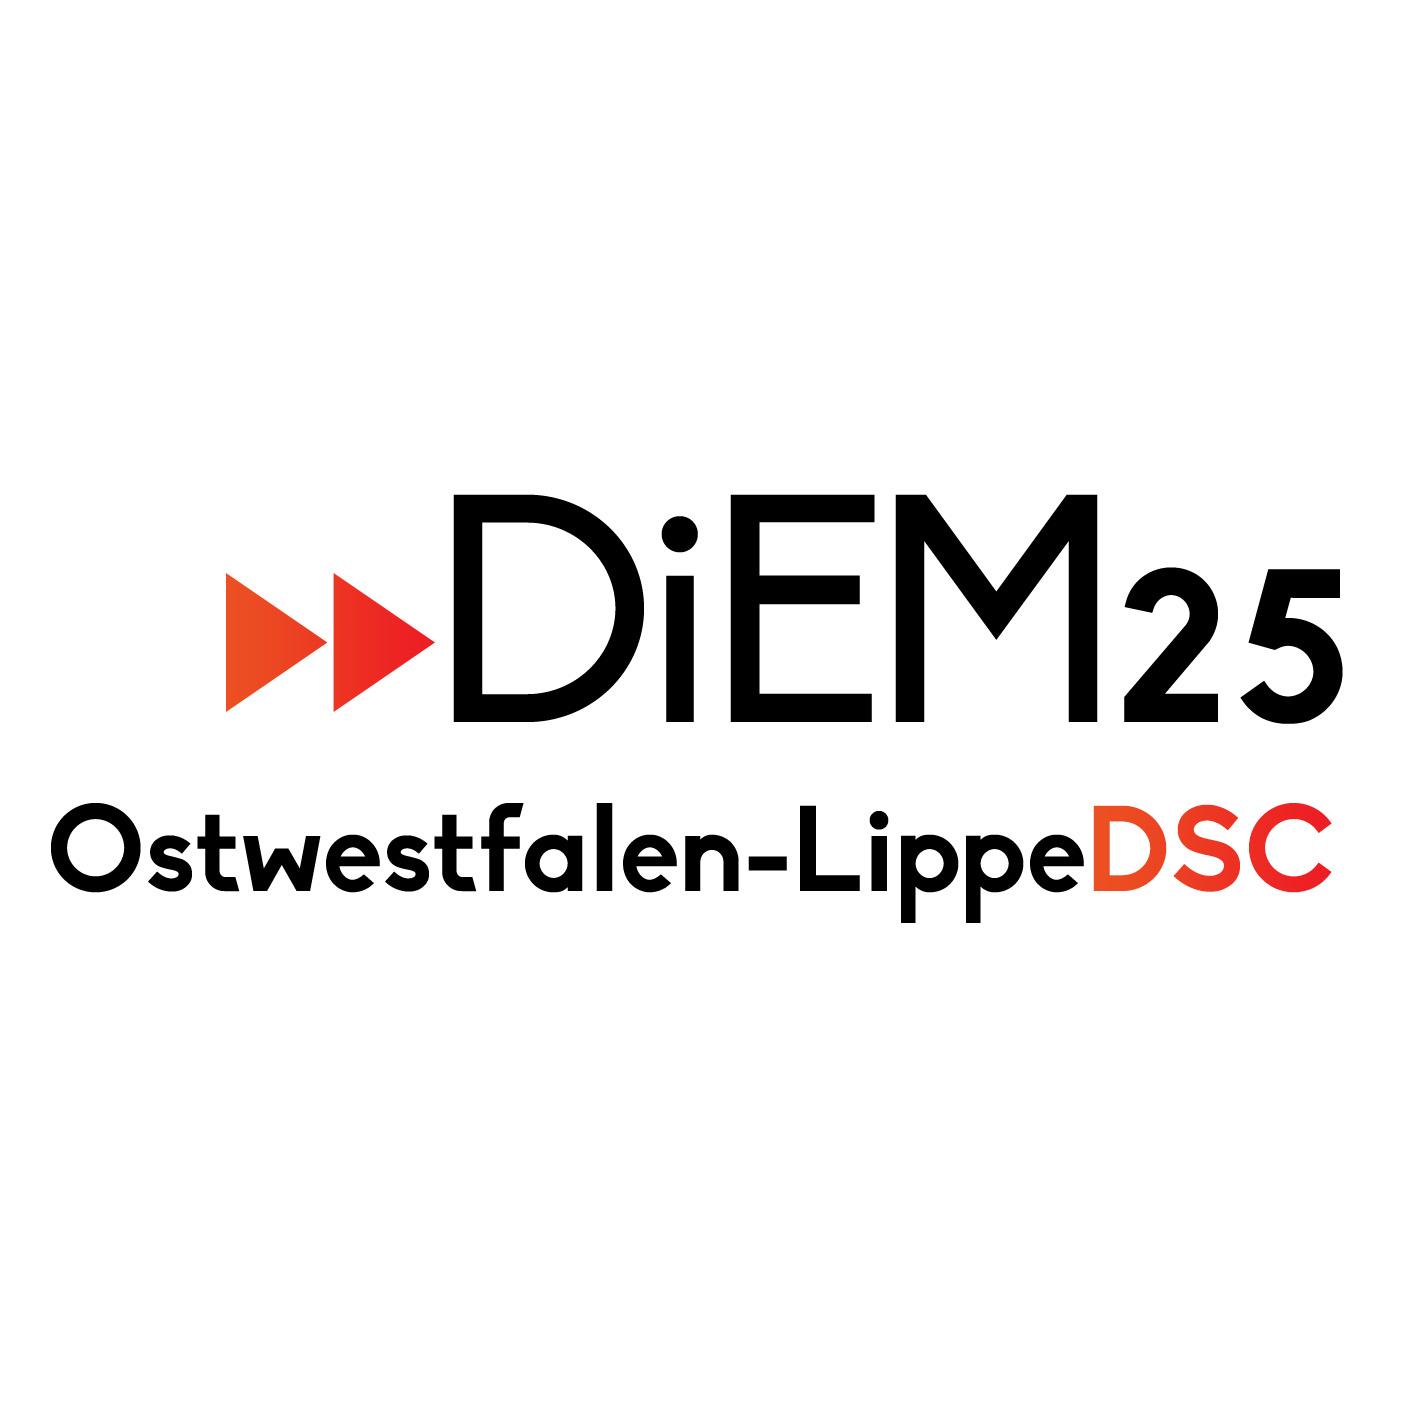 DSC Ostwestfalen-Lippe gegründet